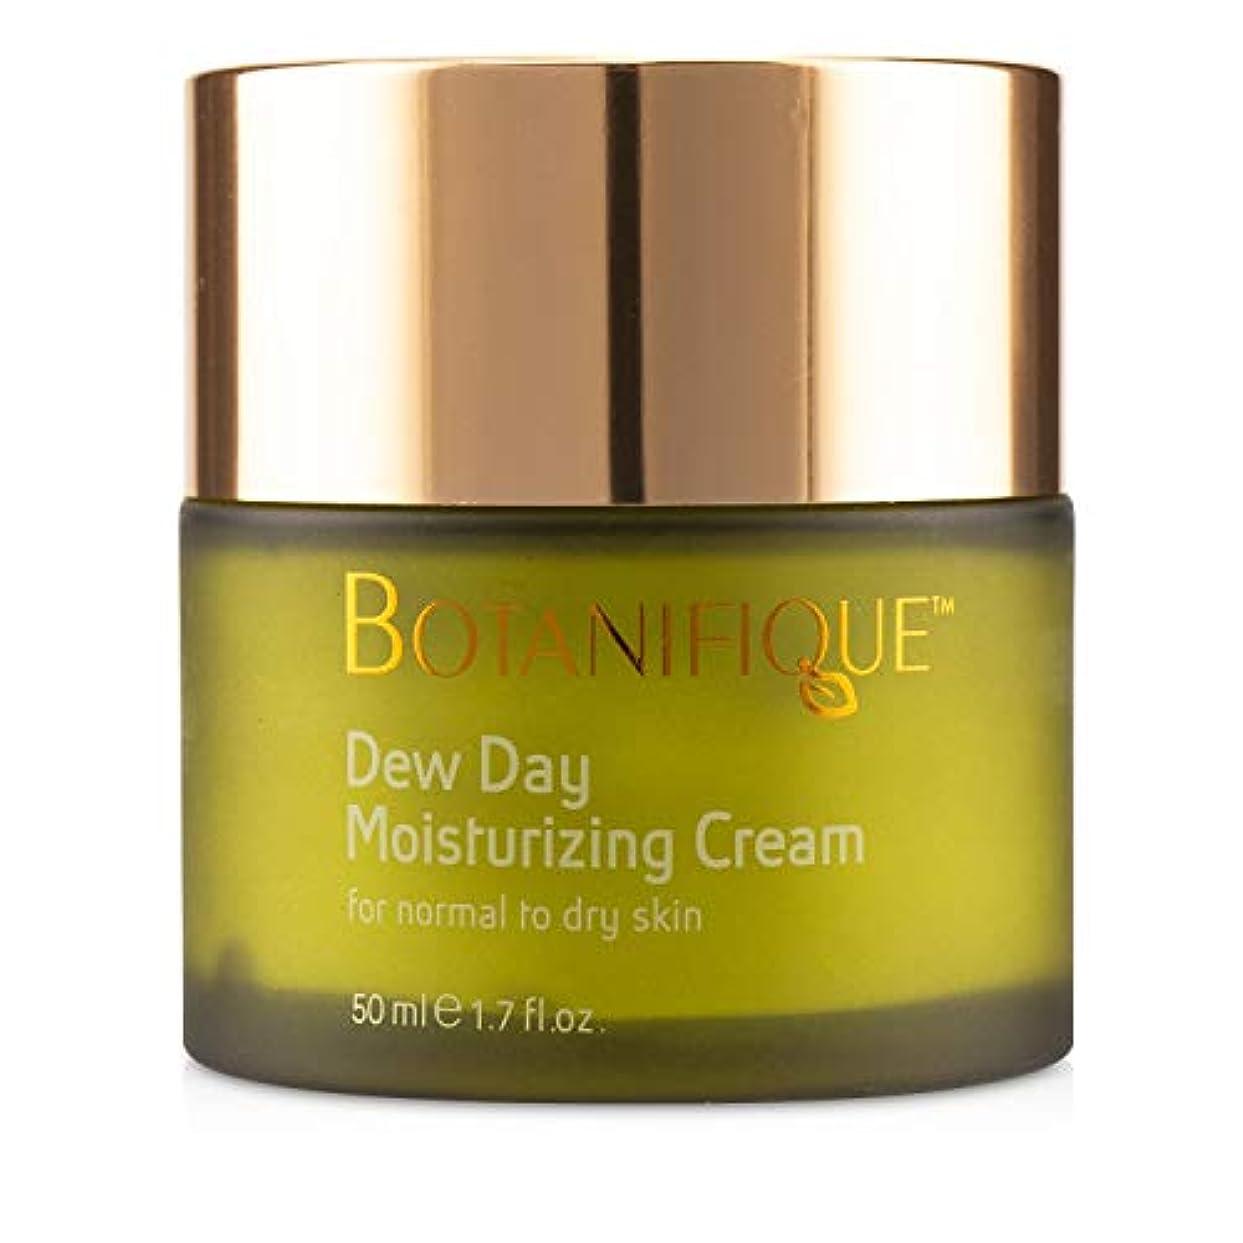 振る舞うマイナー本物Botanifique Dew Day Moisturizing Cream - For Normal to Dry Skin 50ml/1.7oz並行輸入品